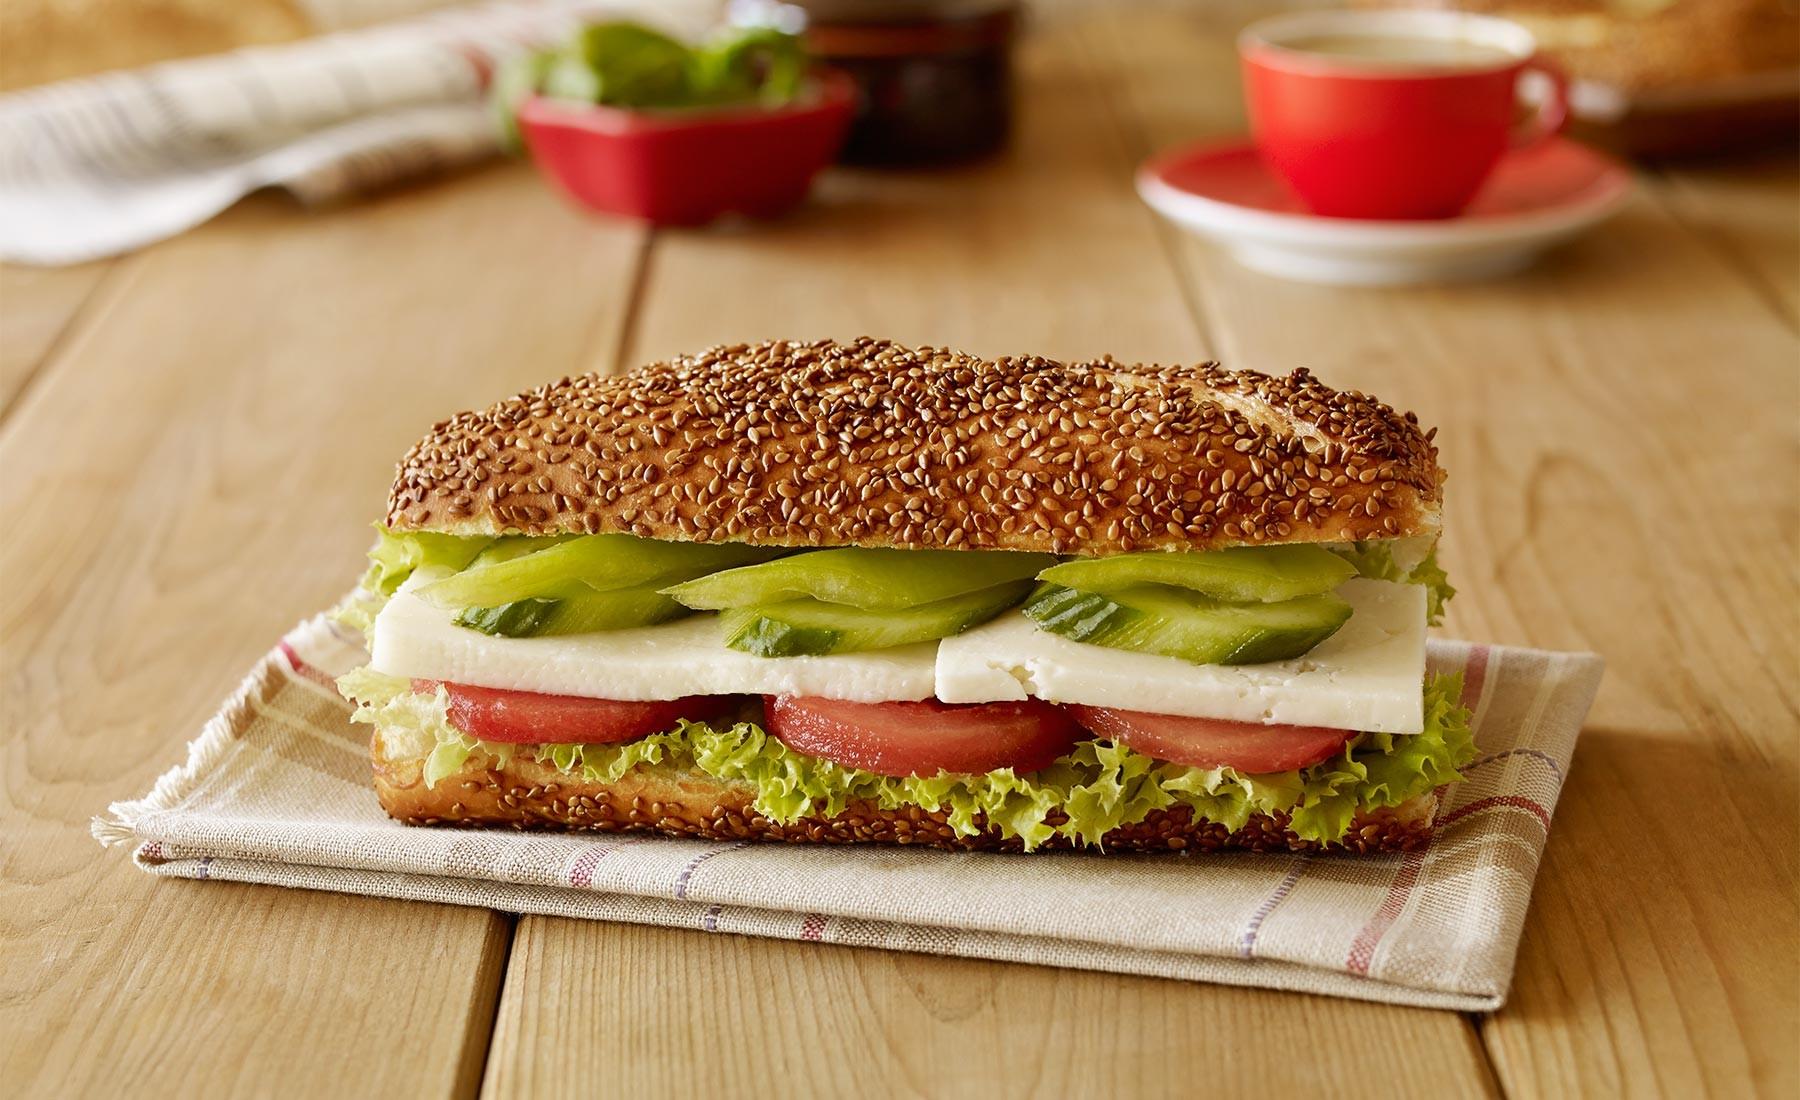 simit-sandvic İştahımı Nasıl Keserim Diyenlere Açlık Bastıracak Atıştırmalık Önerileri